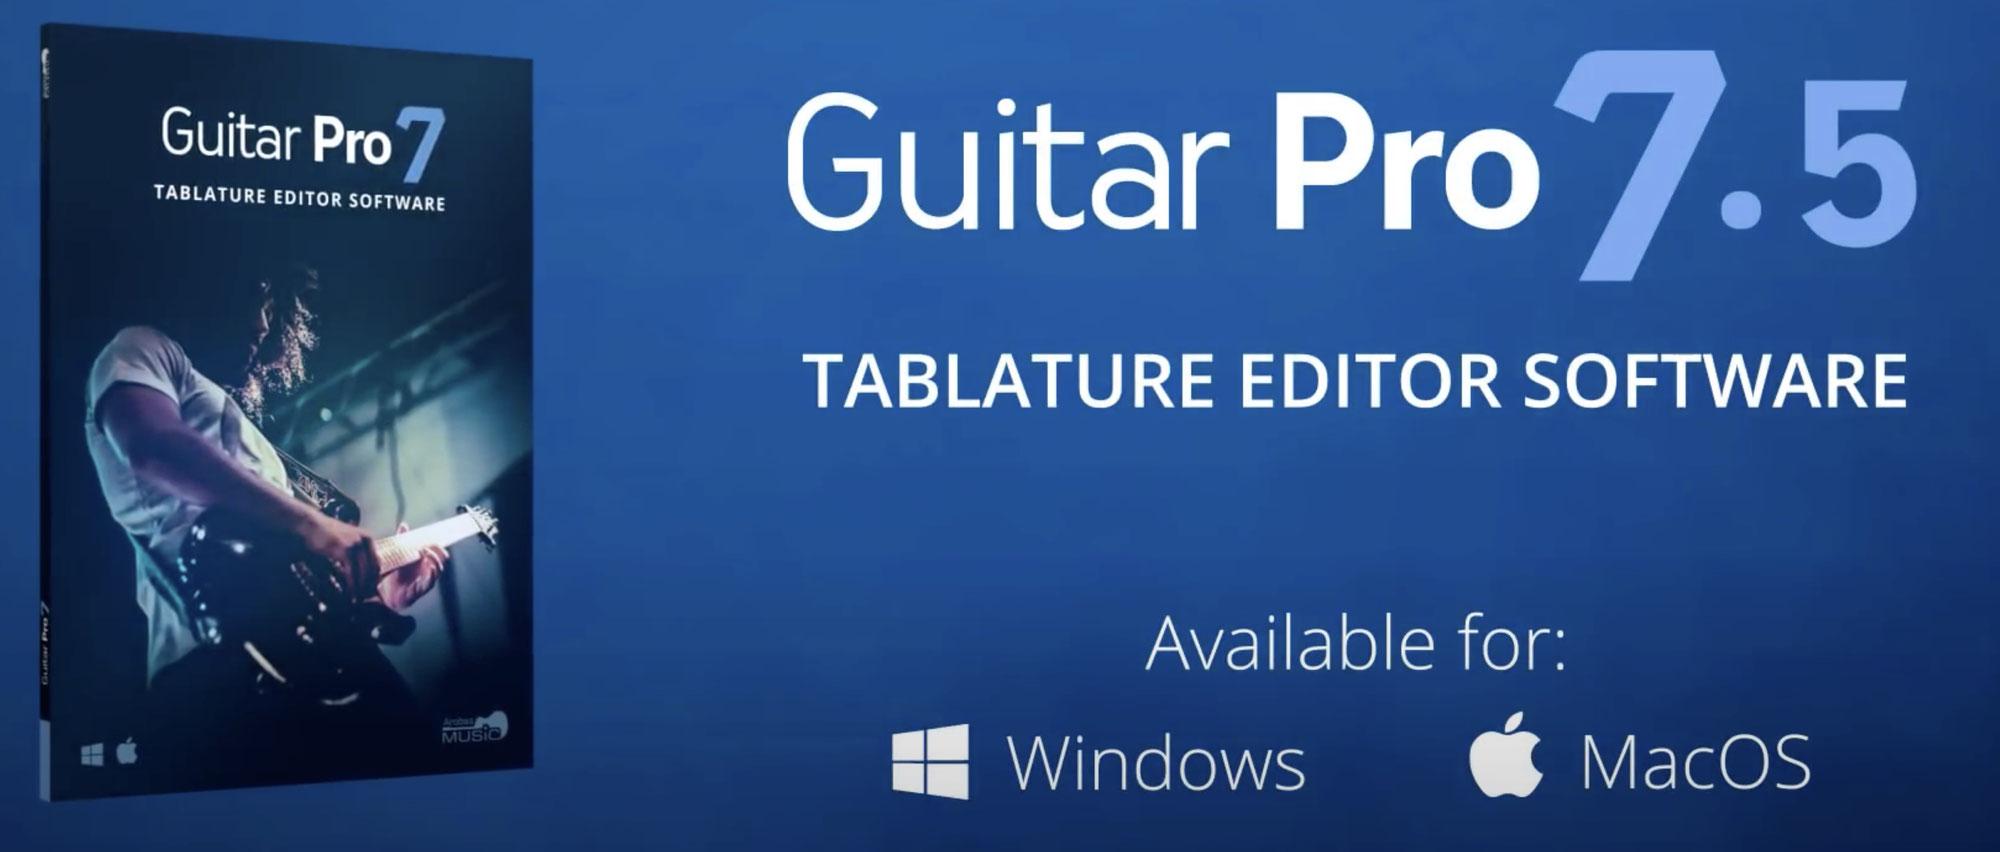 Alles, was du über Guitar Pro wissen musst!